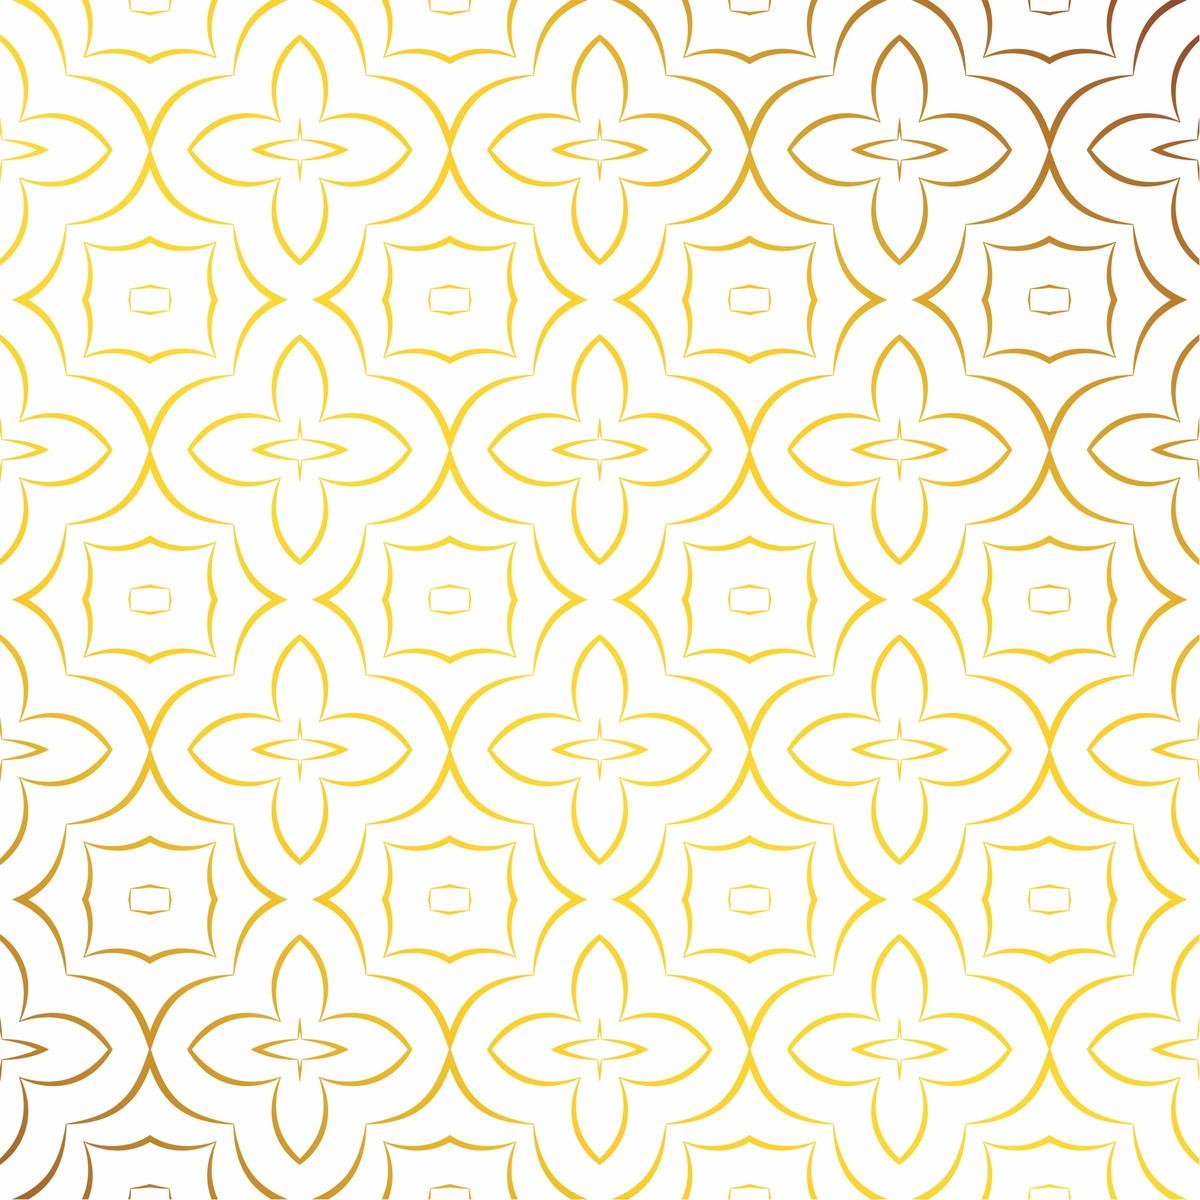 Adesivo papel de parede geom trico dourado escolha a cor - Papel autoadhesivo para paredes ...